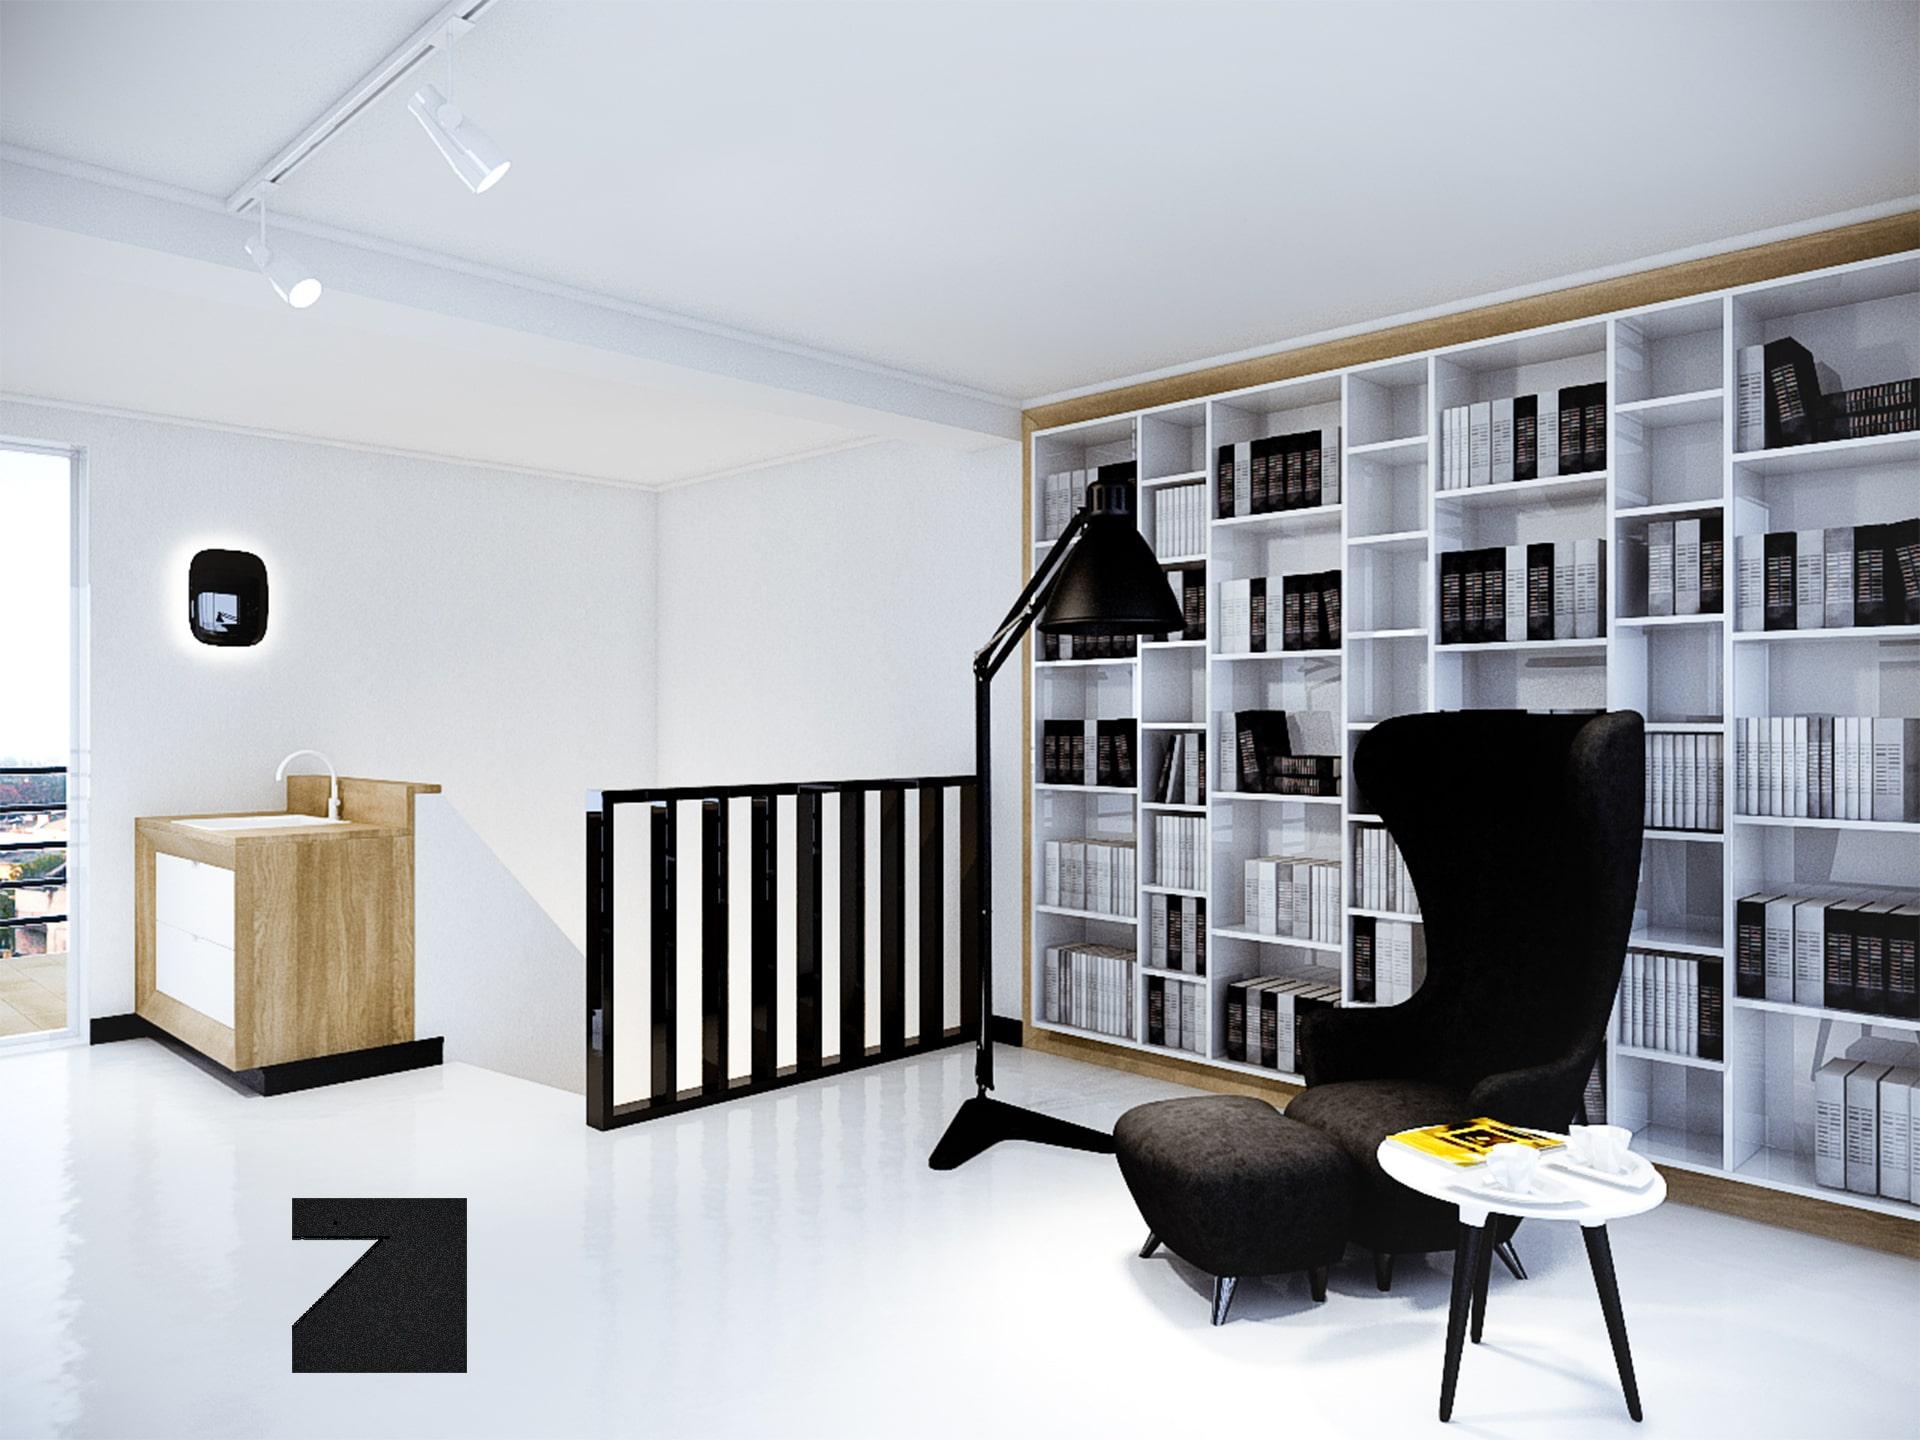 projekt modernistyczny salonu